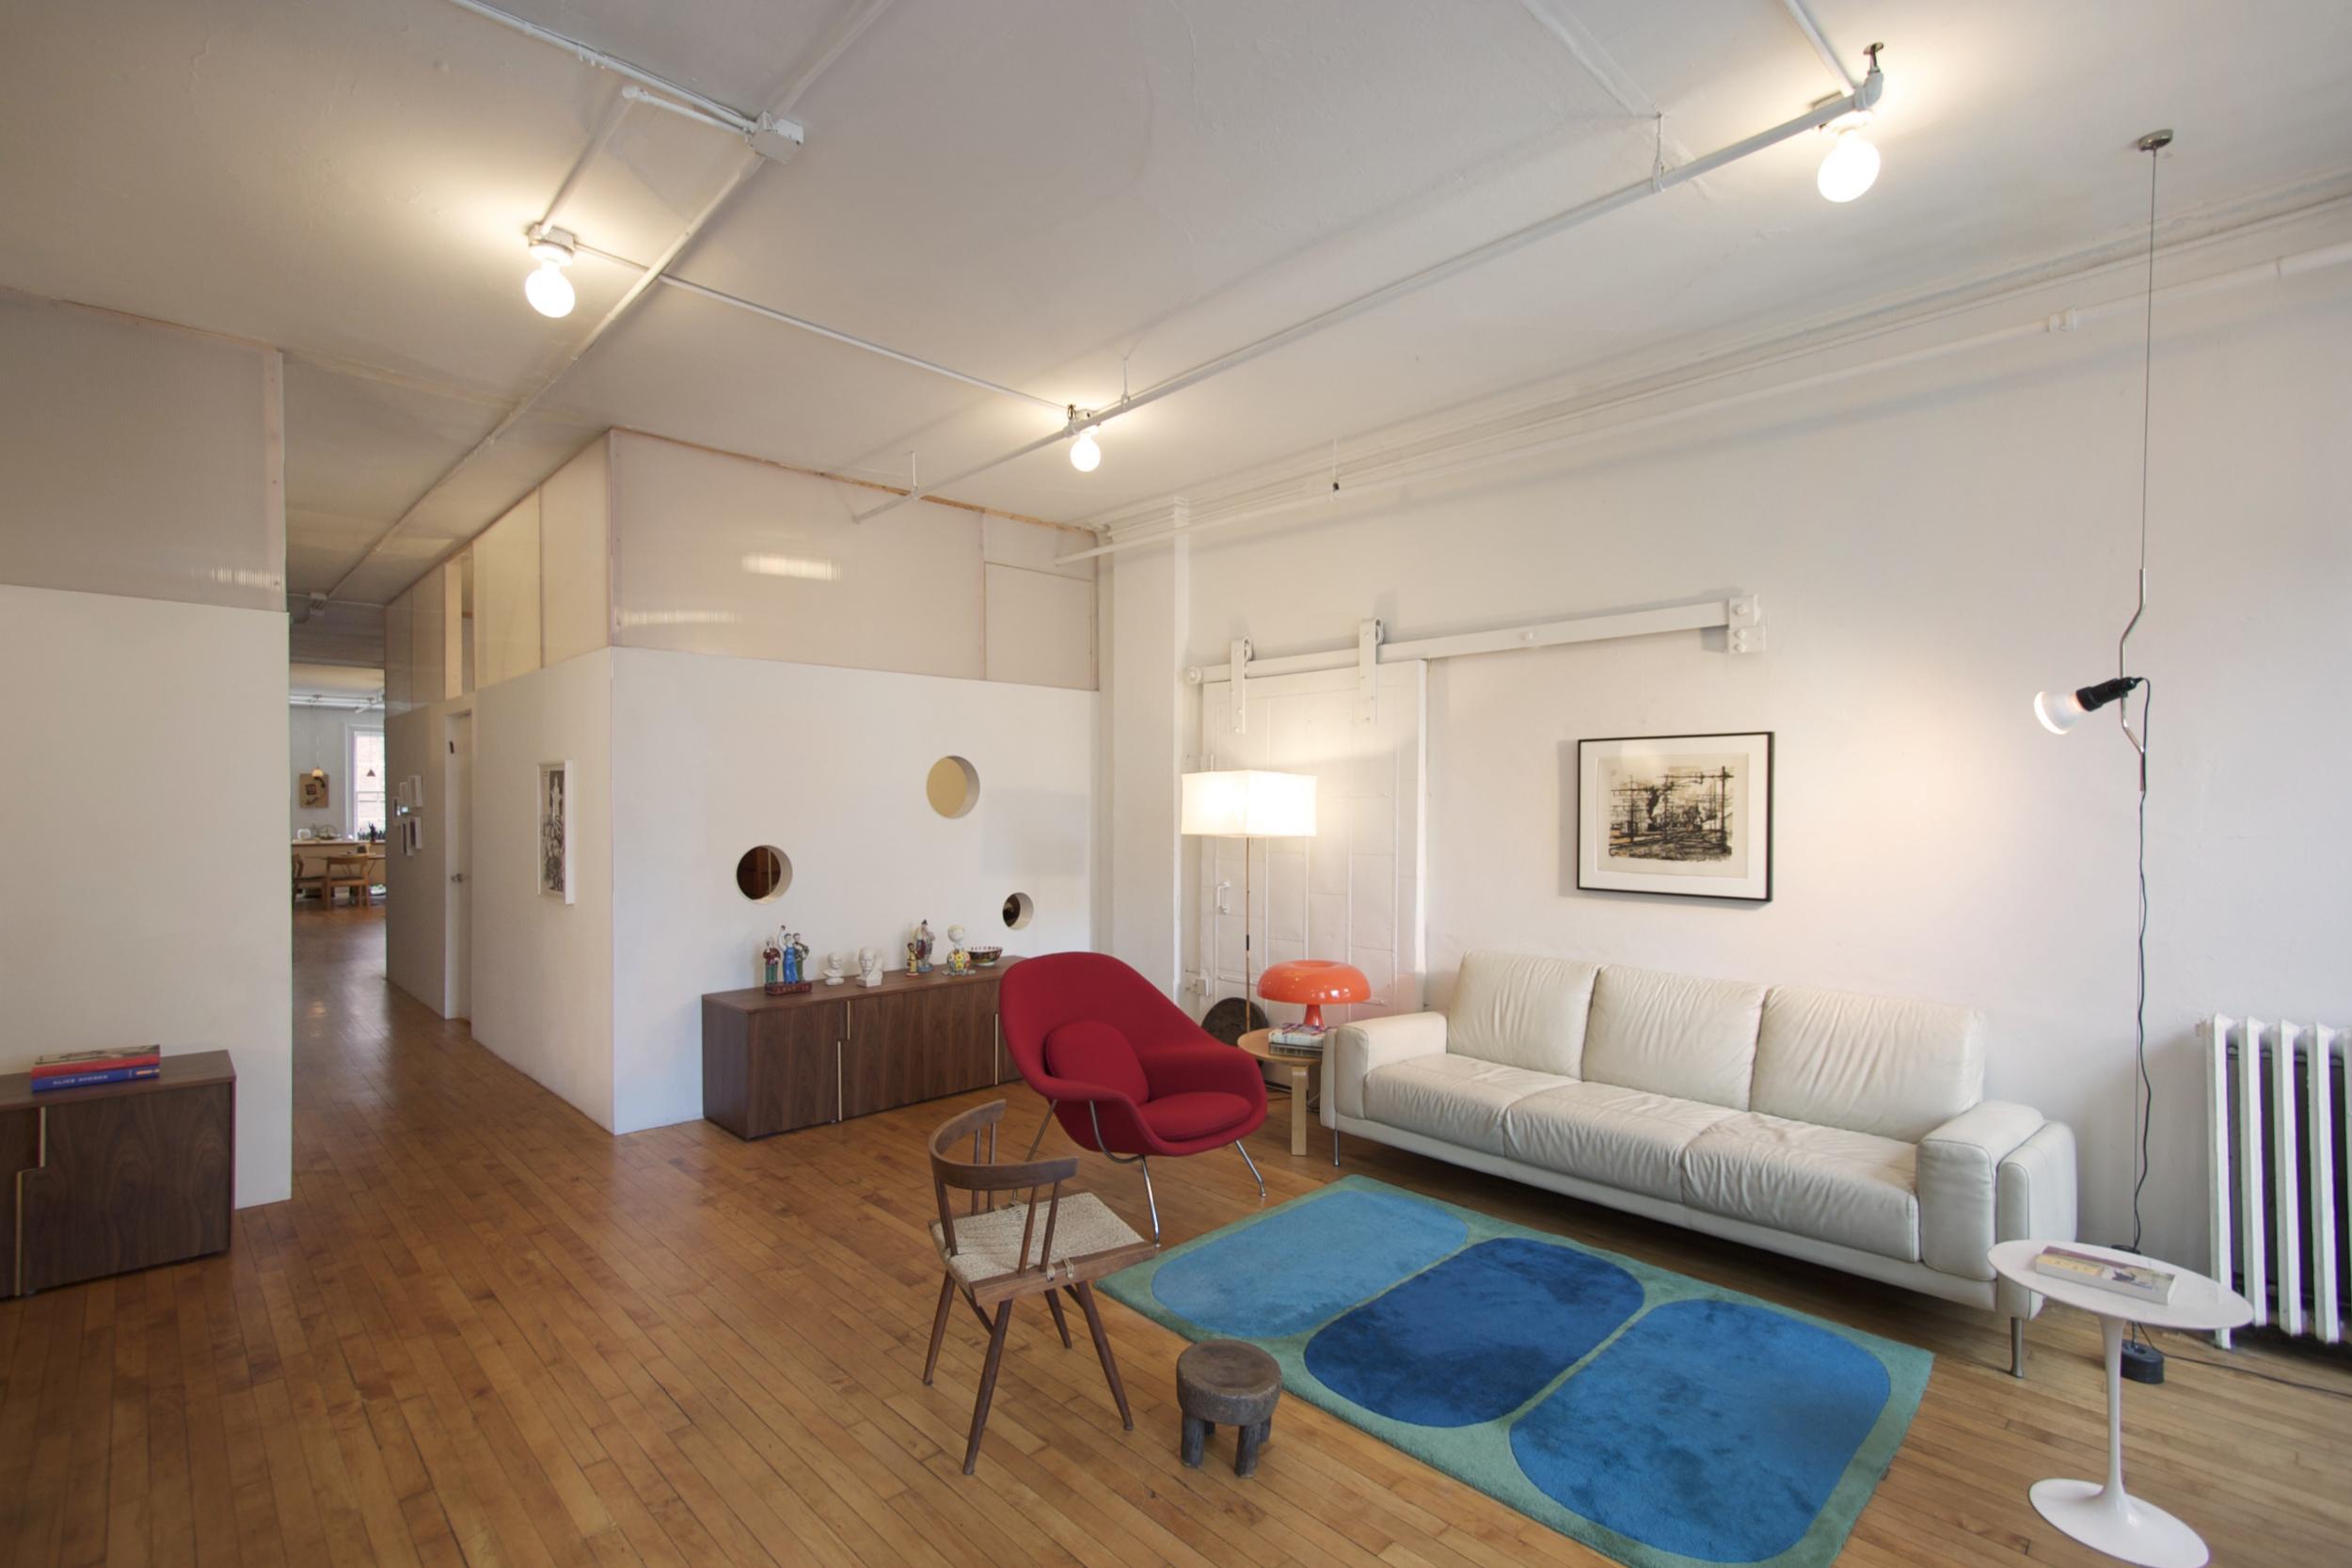 The Architects Loft, Tribeca, NY